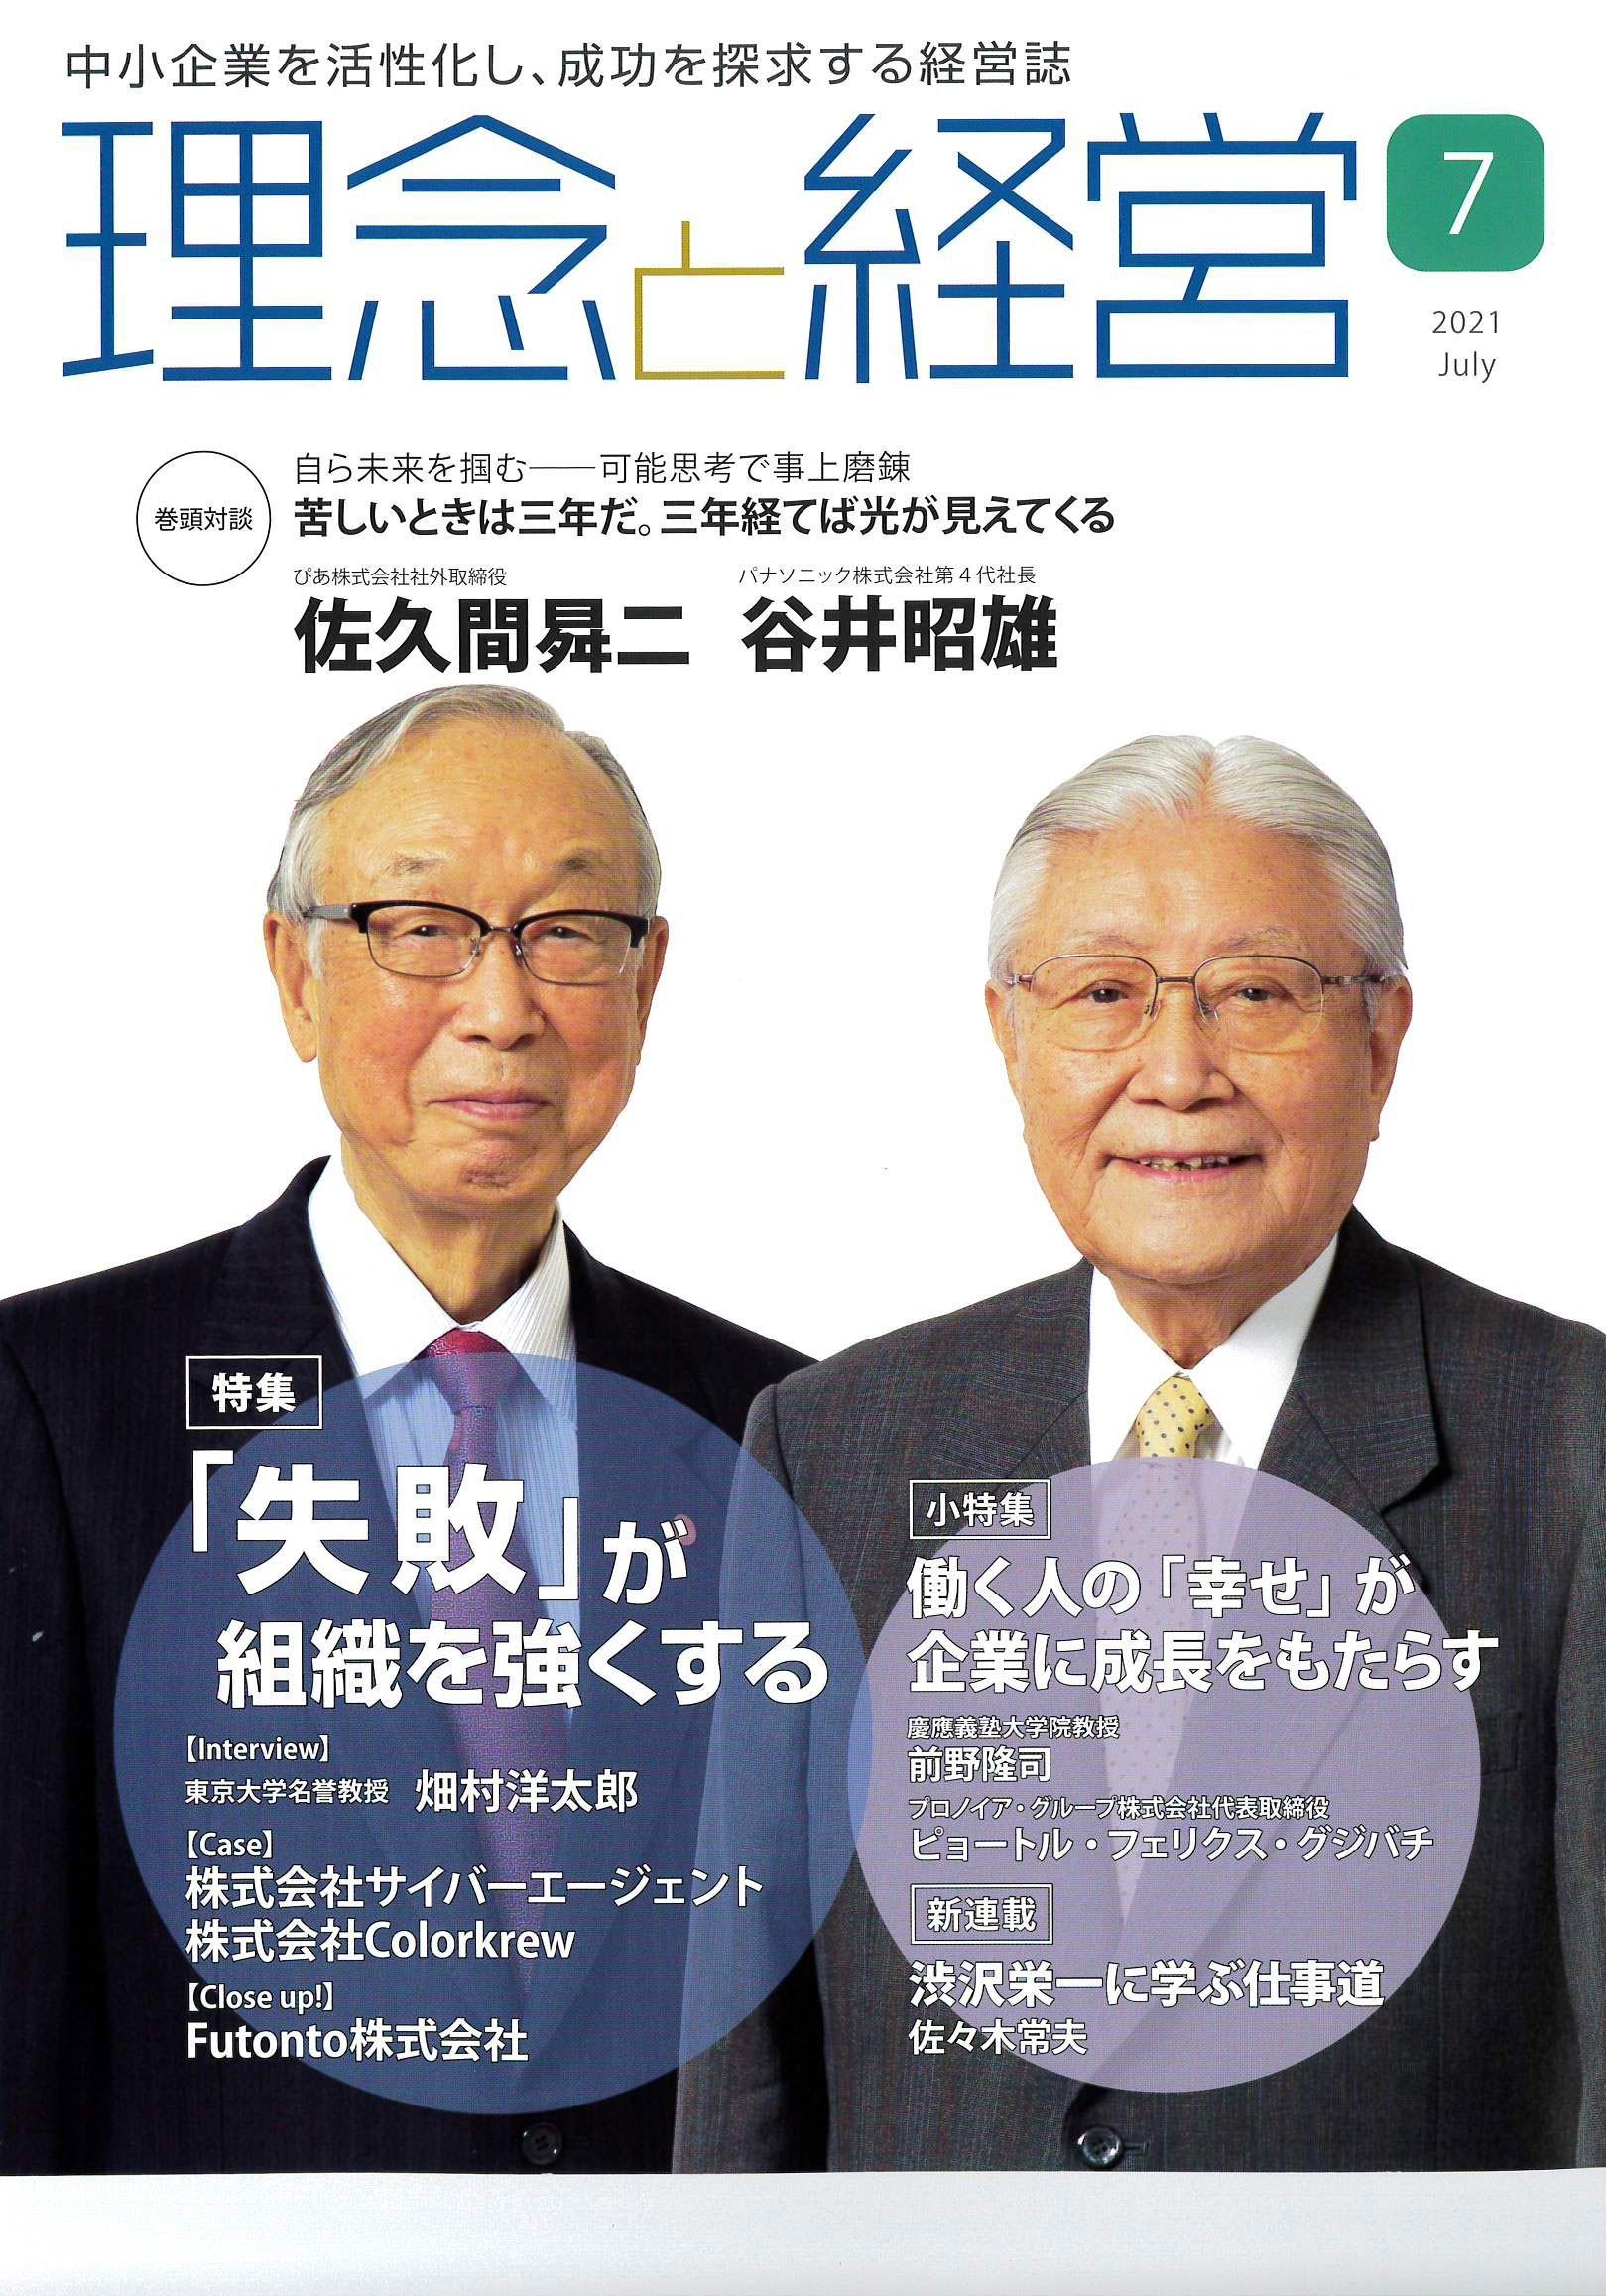 「理念と経営」令和3年7月号 株式会社コスモ教育出版 令和3年6月21日発行